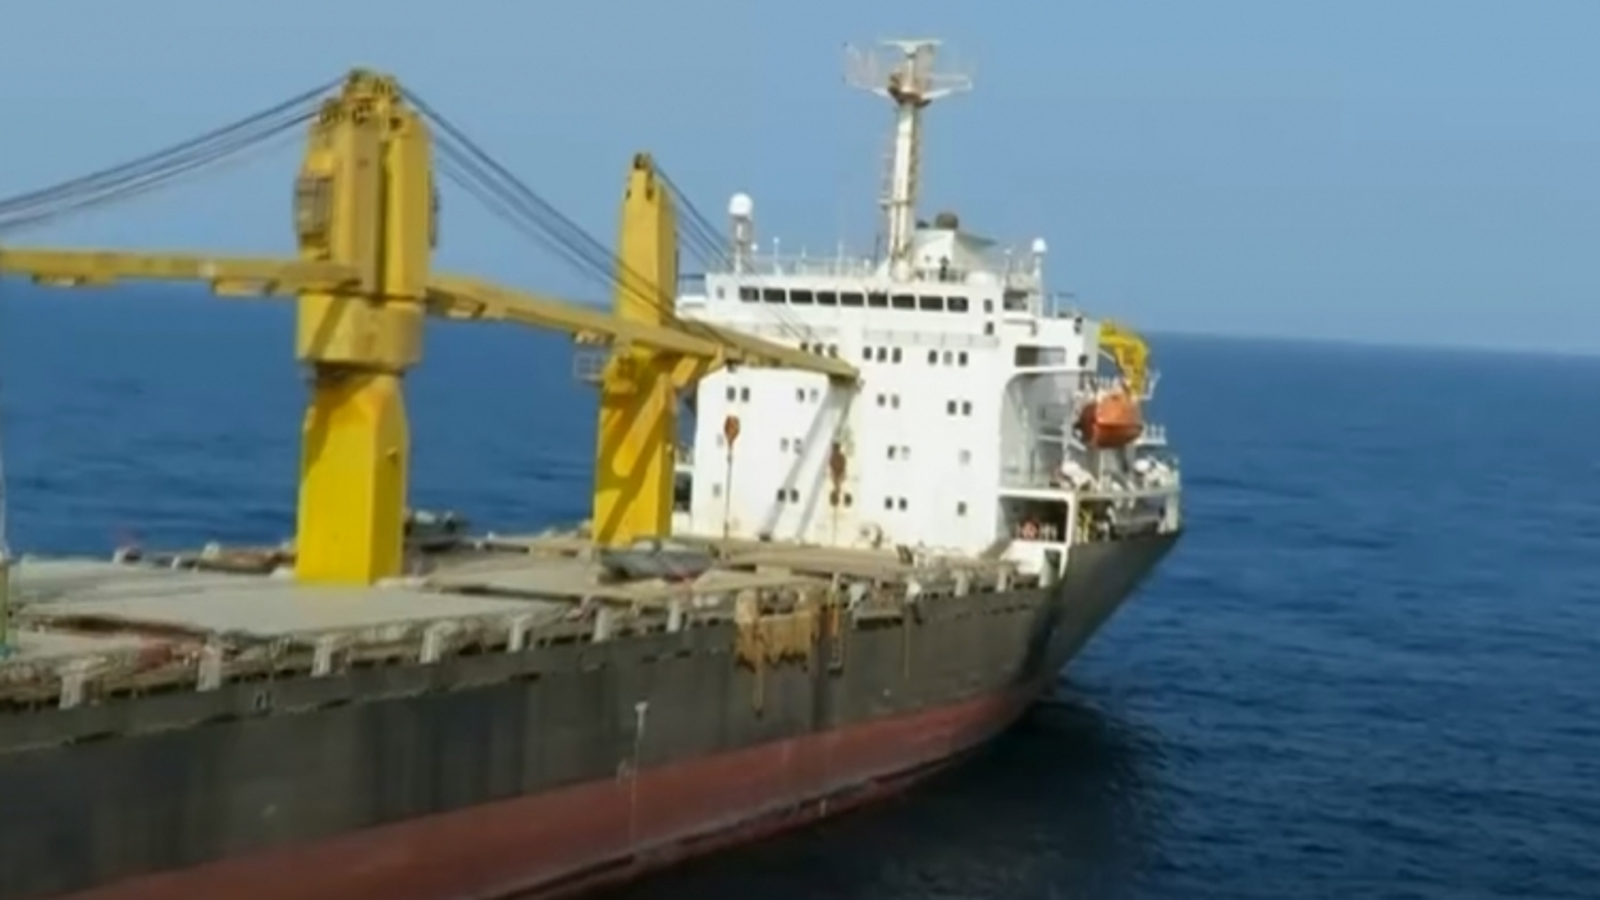 Tàu chở hàng Iran bị tấn công tại Biển Đỏ, Mỹ phủ nhận đứng sau